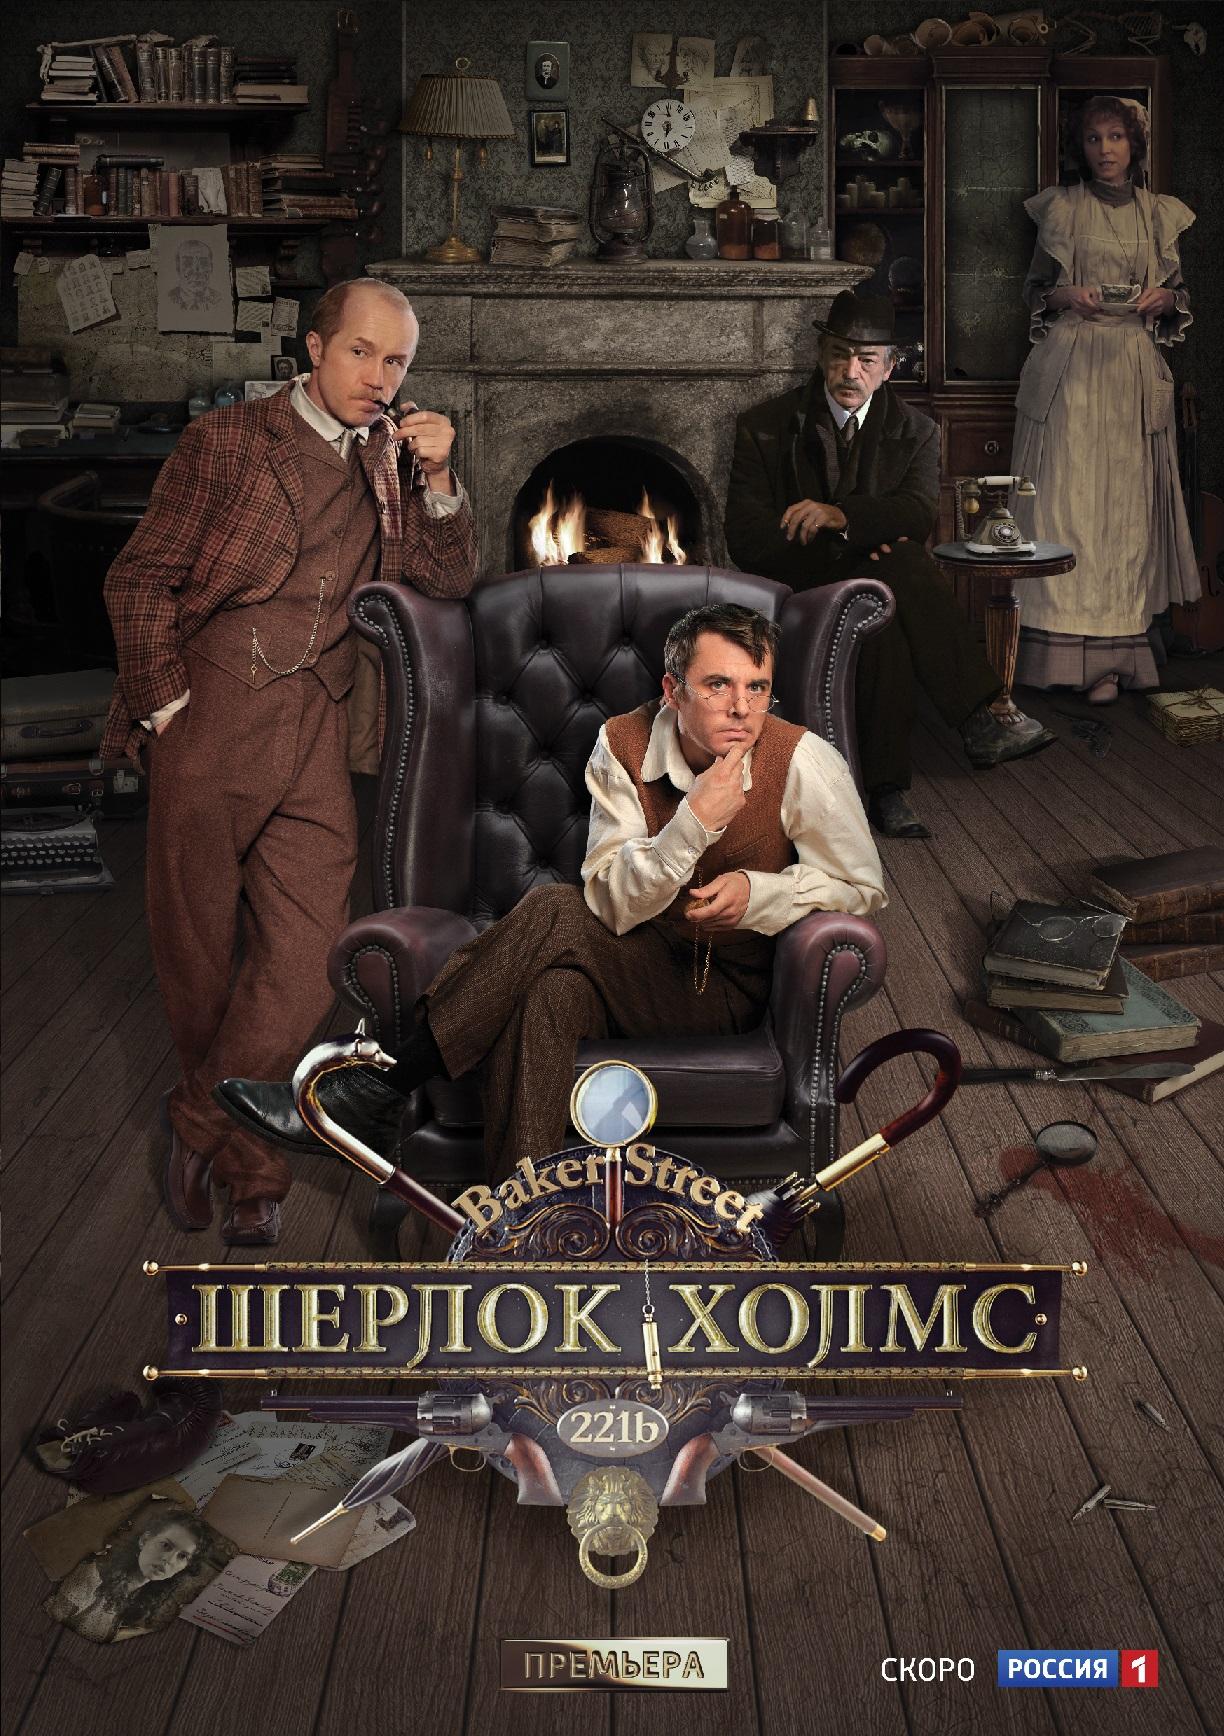 Шерлок холмс (2013) | сериал в hd | 1-2 серия youtube.